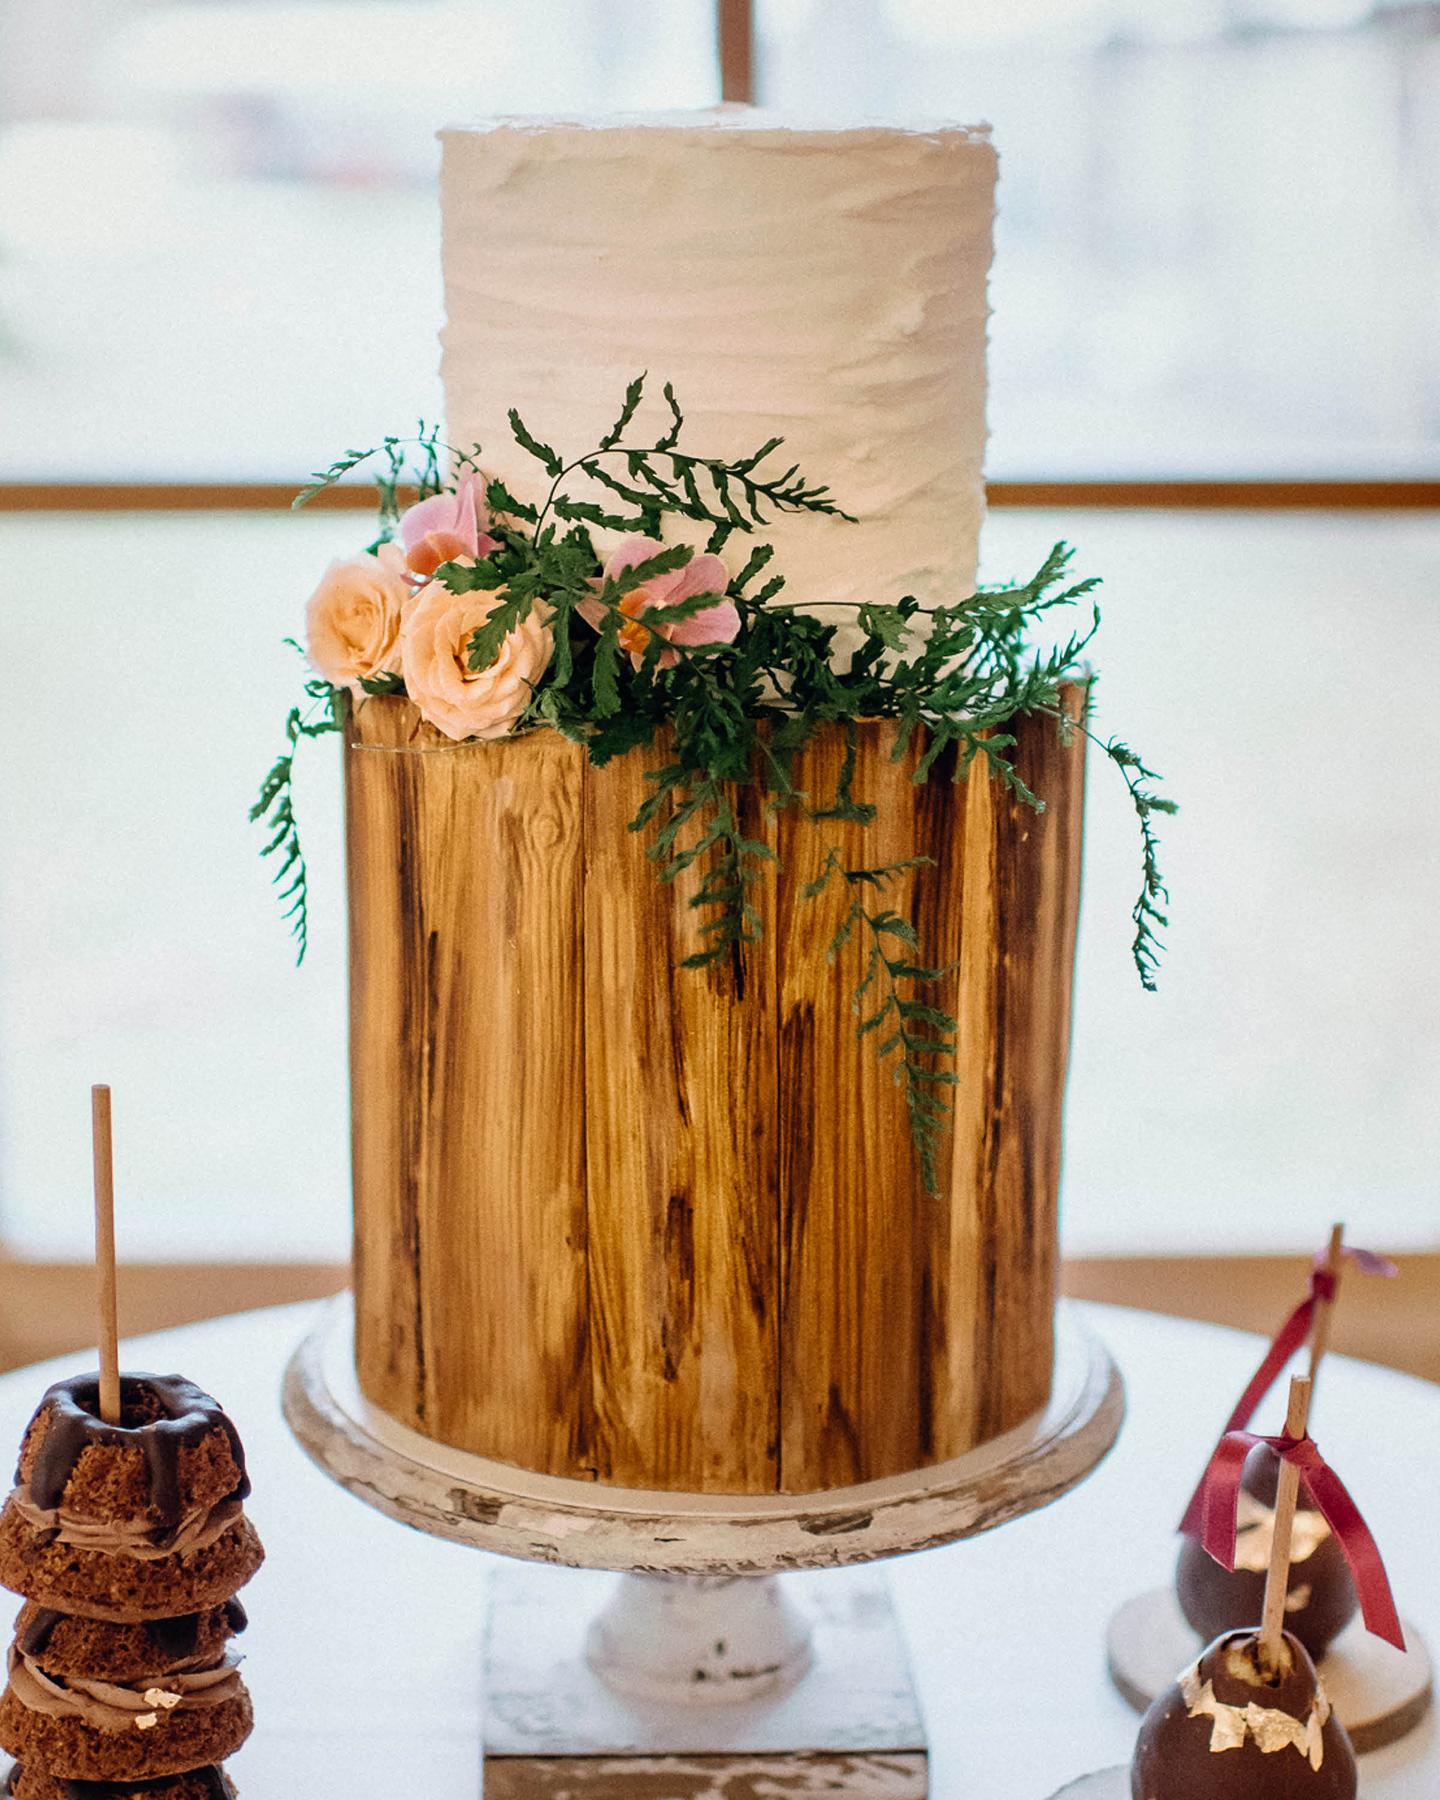 Hochzeitstorte mit Fondant im rustikalen Holz-Optik Stil. Verziert mit wilden Blumen und Pflanzen